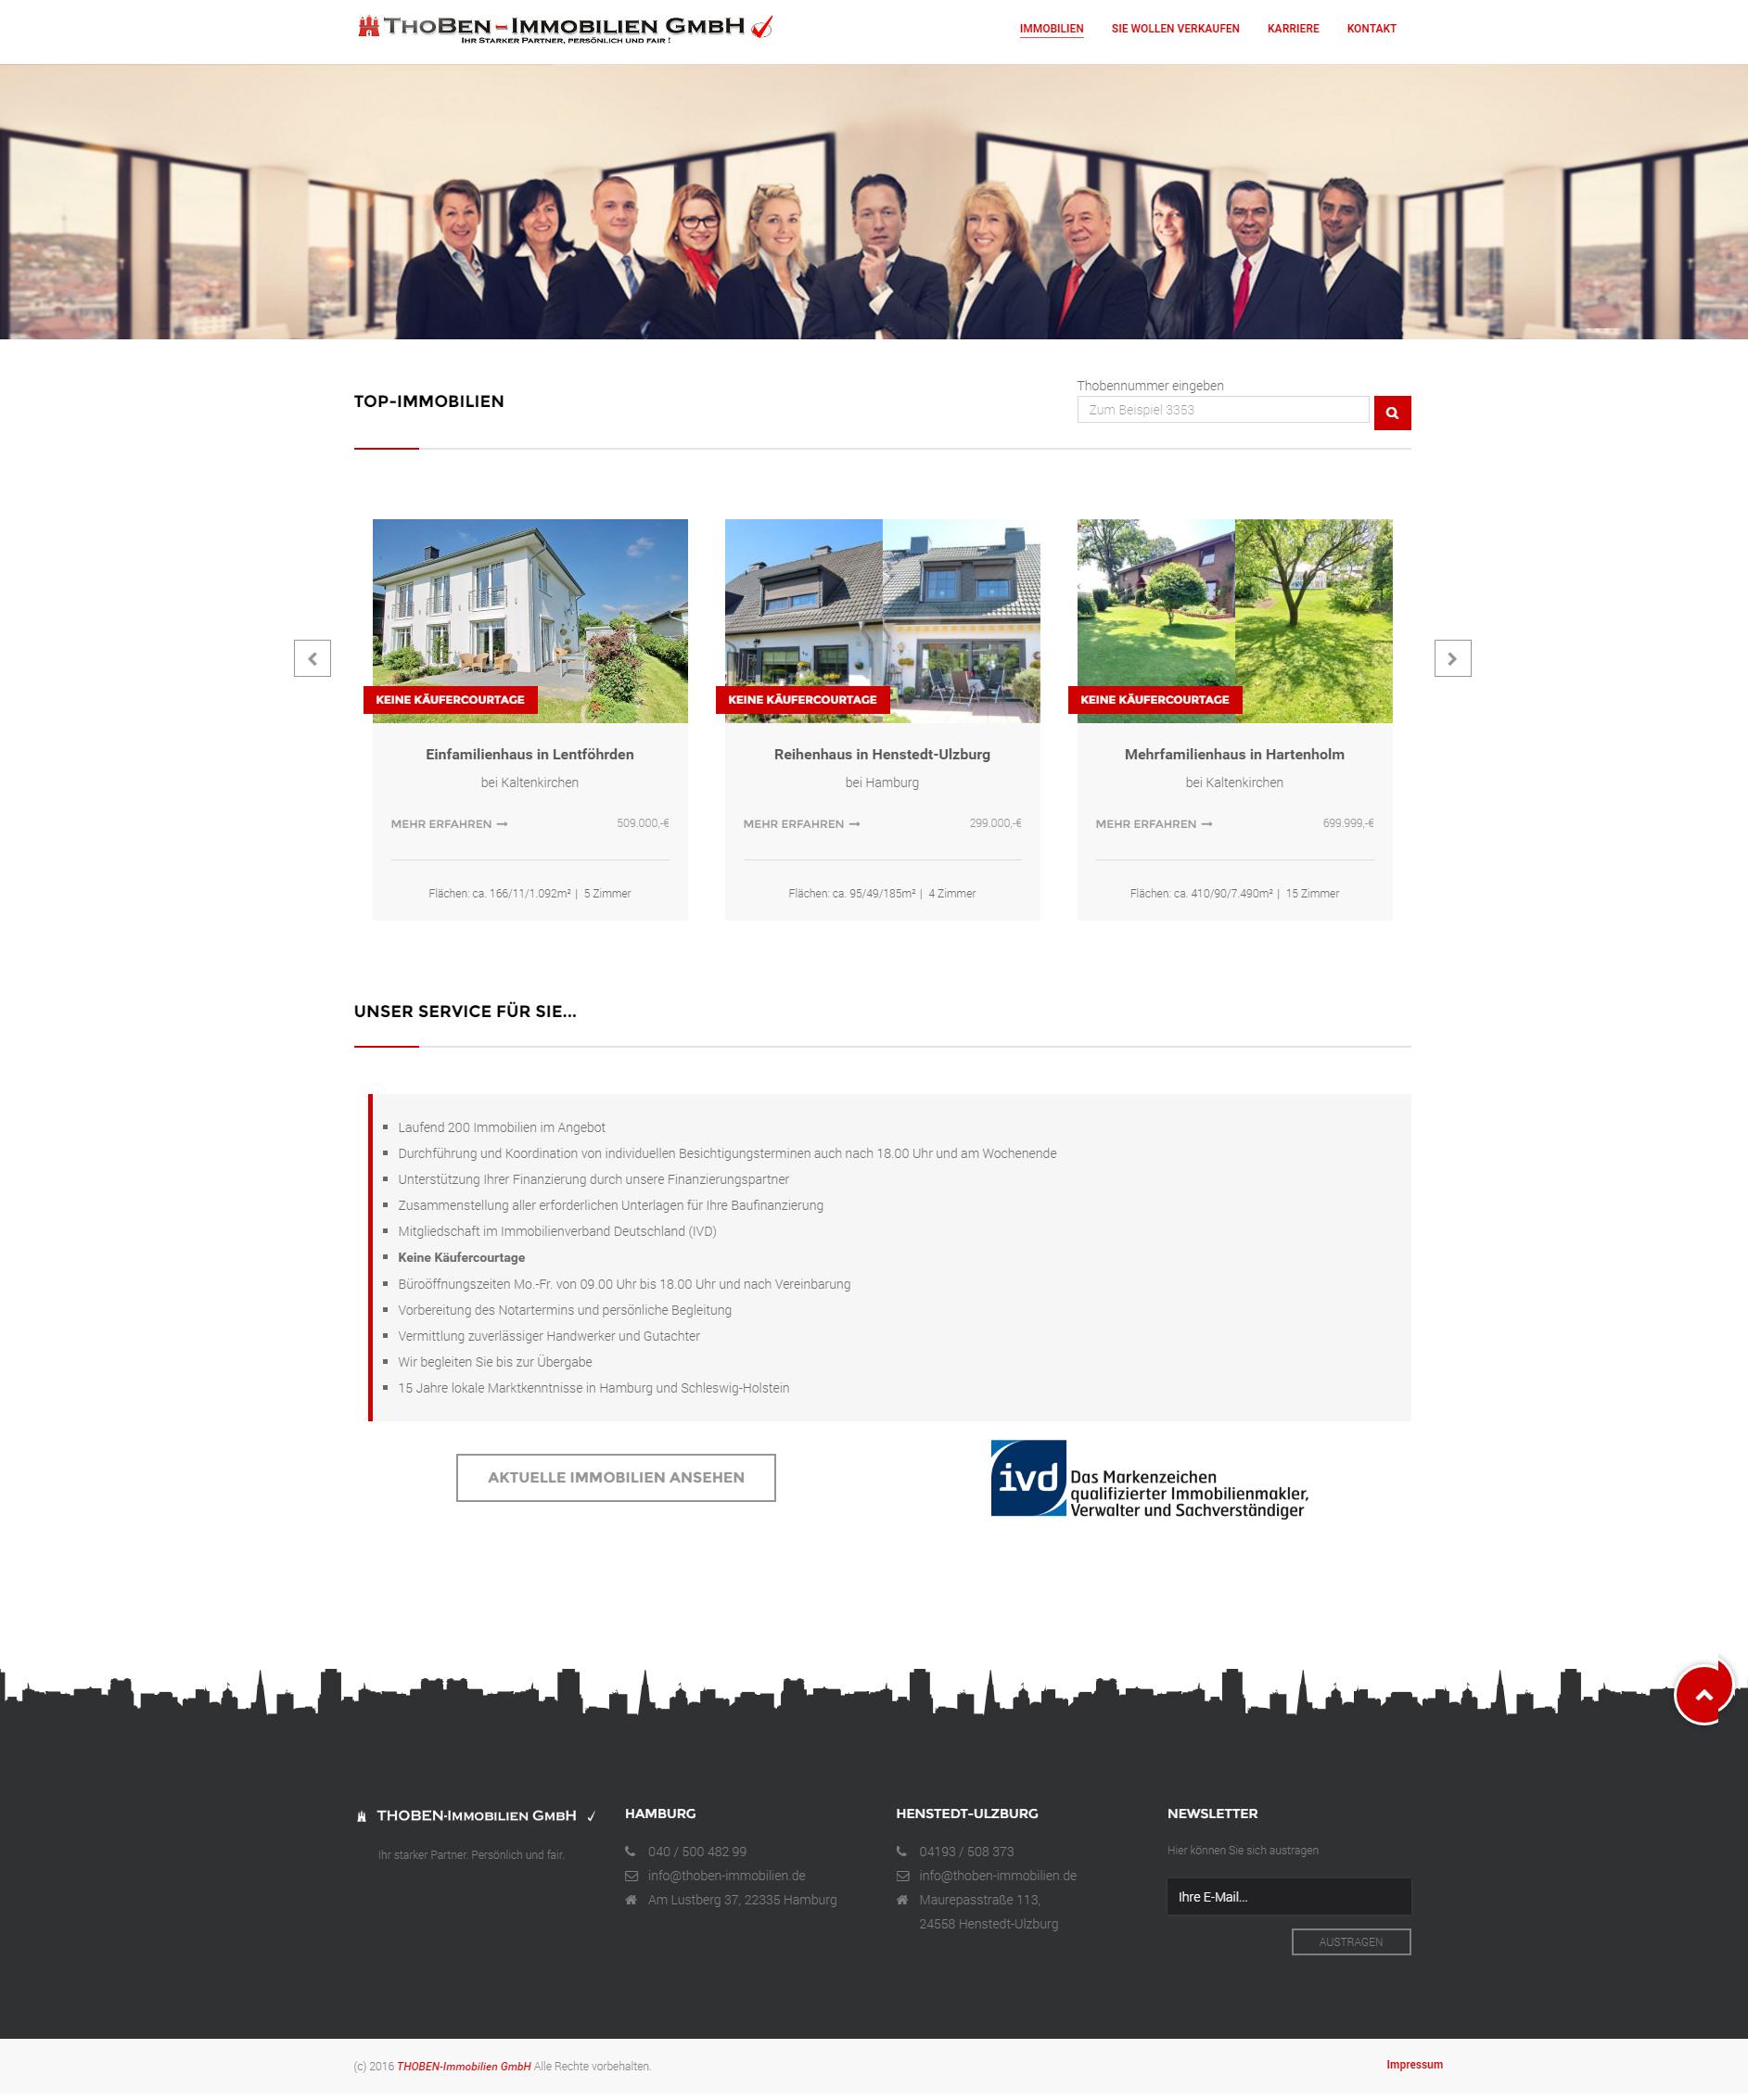 Michael Lucas Thoben-Immobilien GmbH